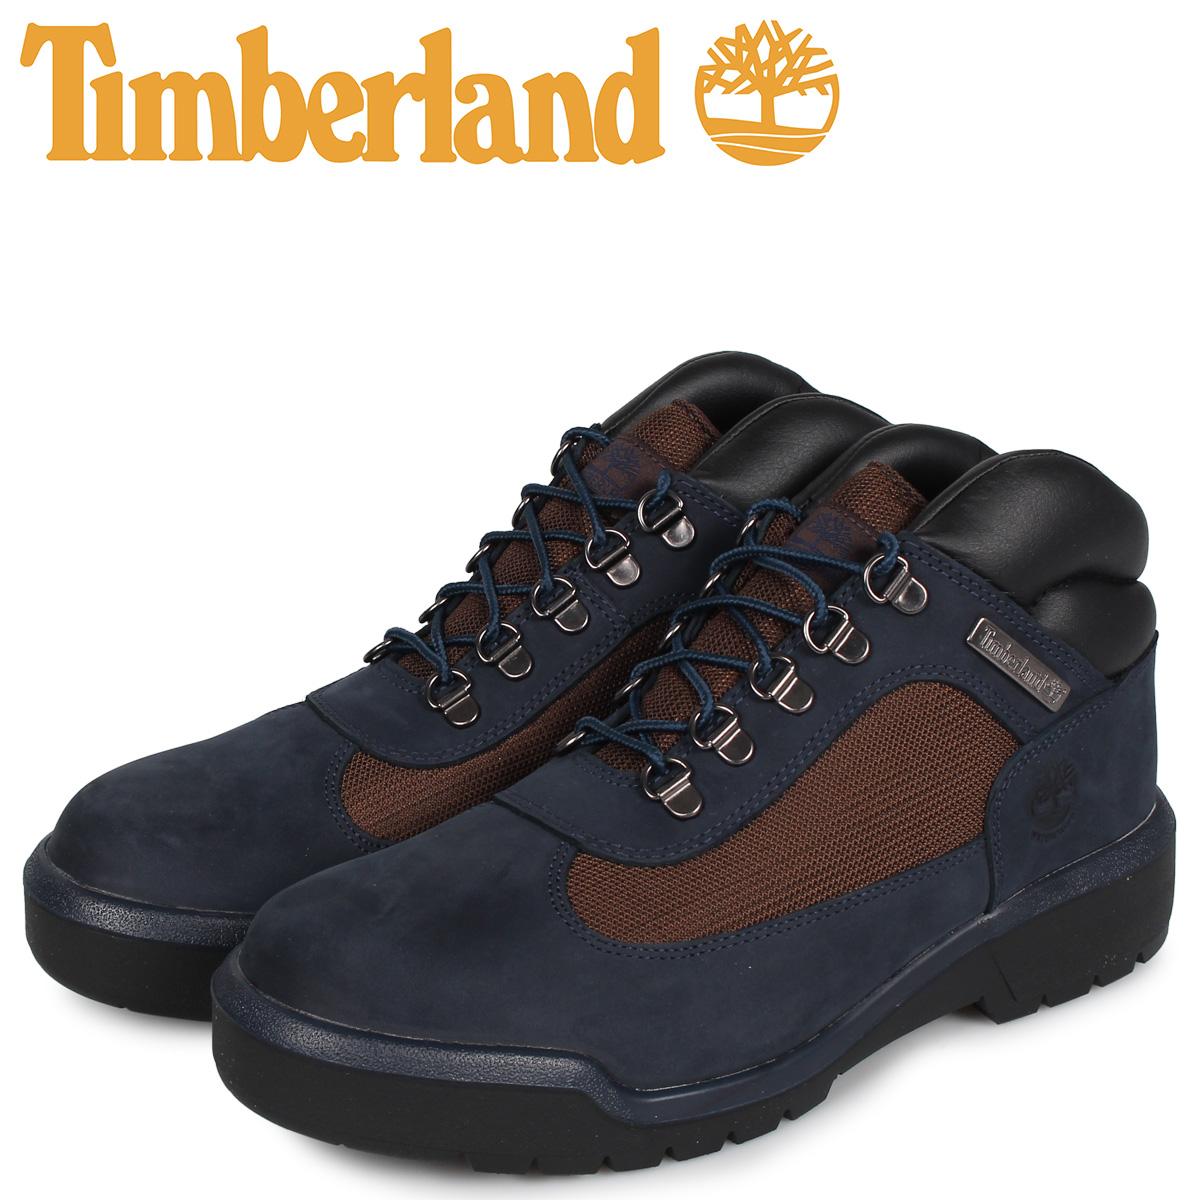 ティンバーランド Timberland ブーツ フィールドブーツ メンズ ウォータープルーフ FIELD BOOT F/L WATERPROOF ネイビー A1XMX